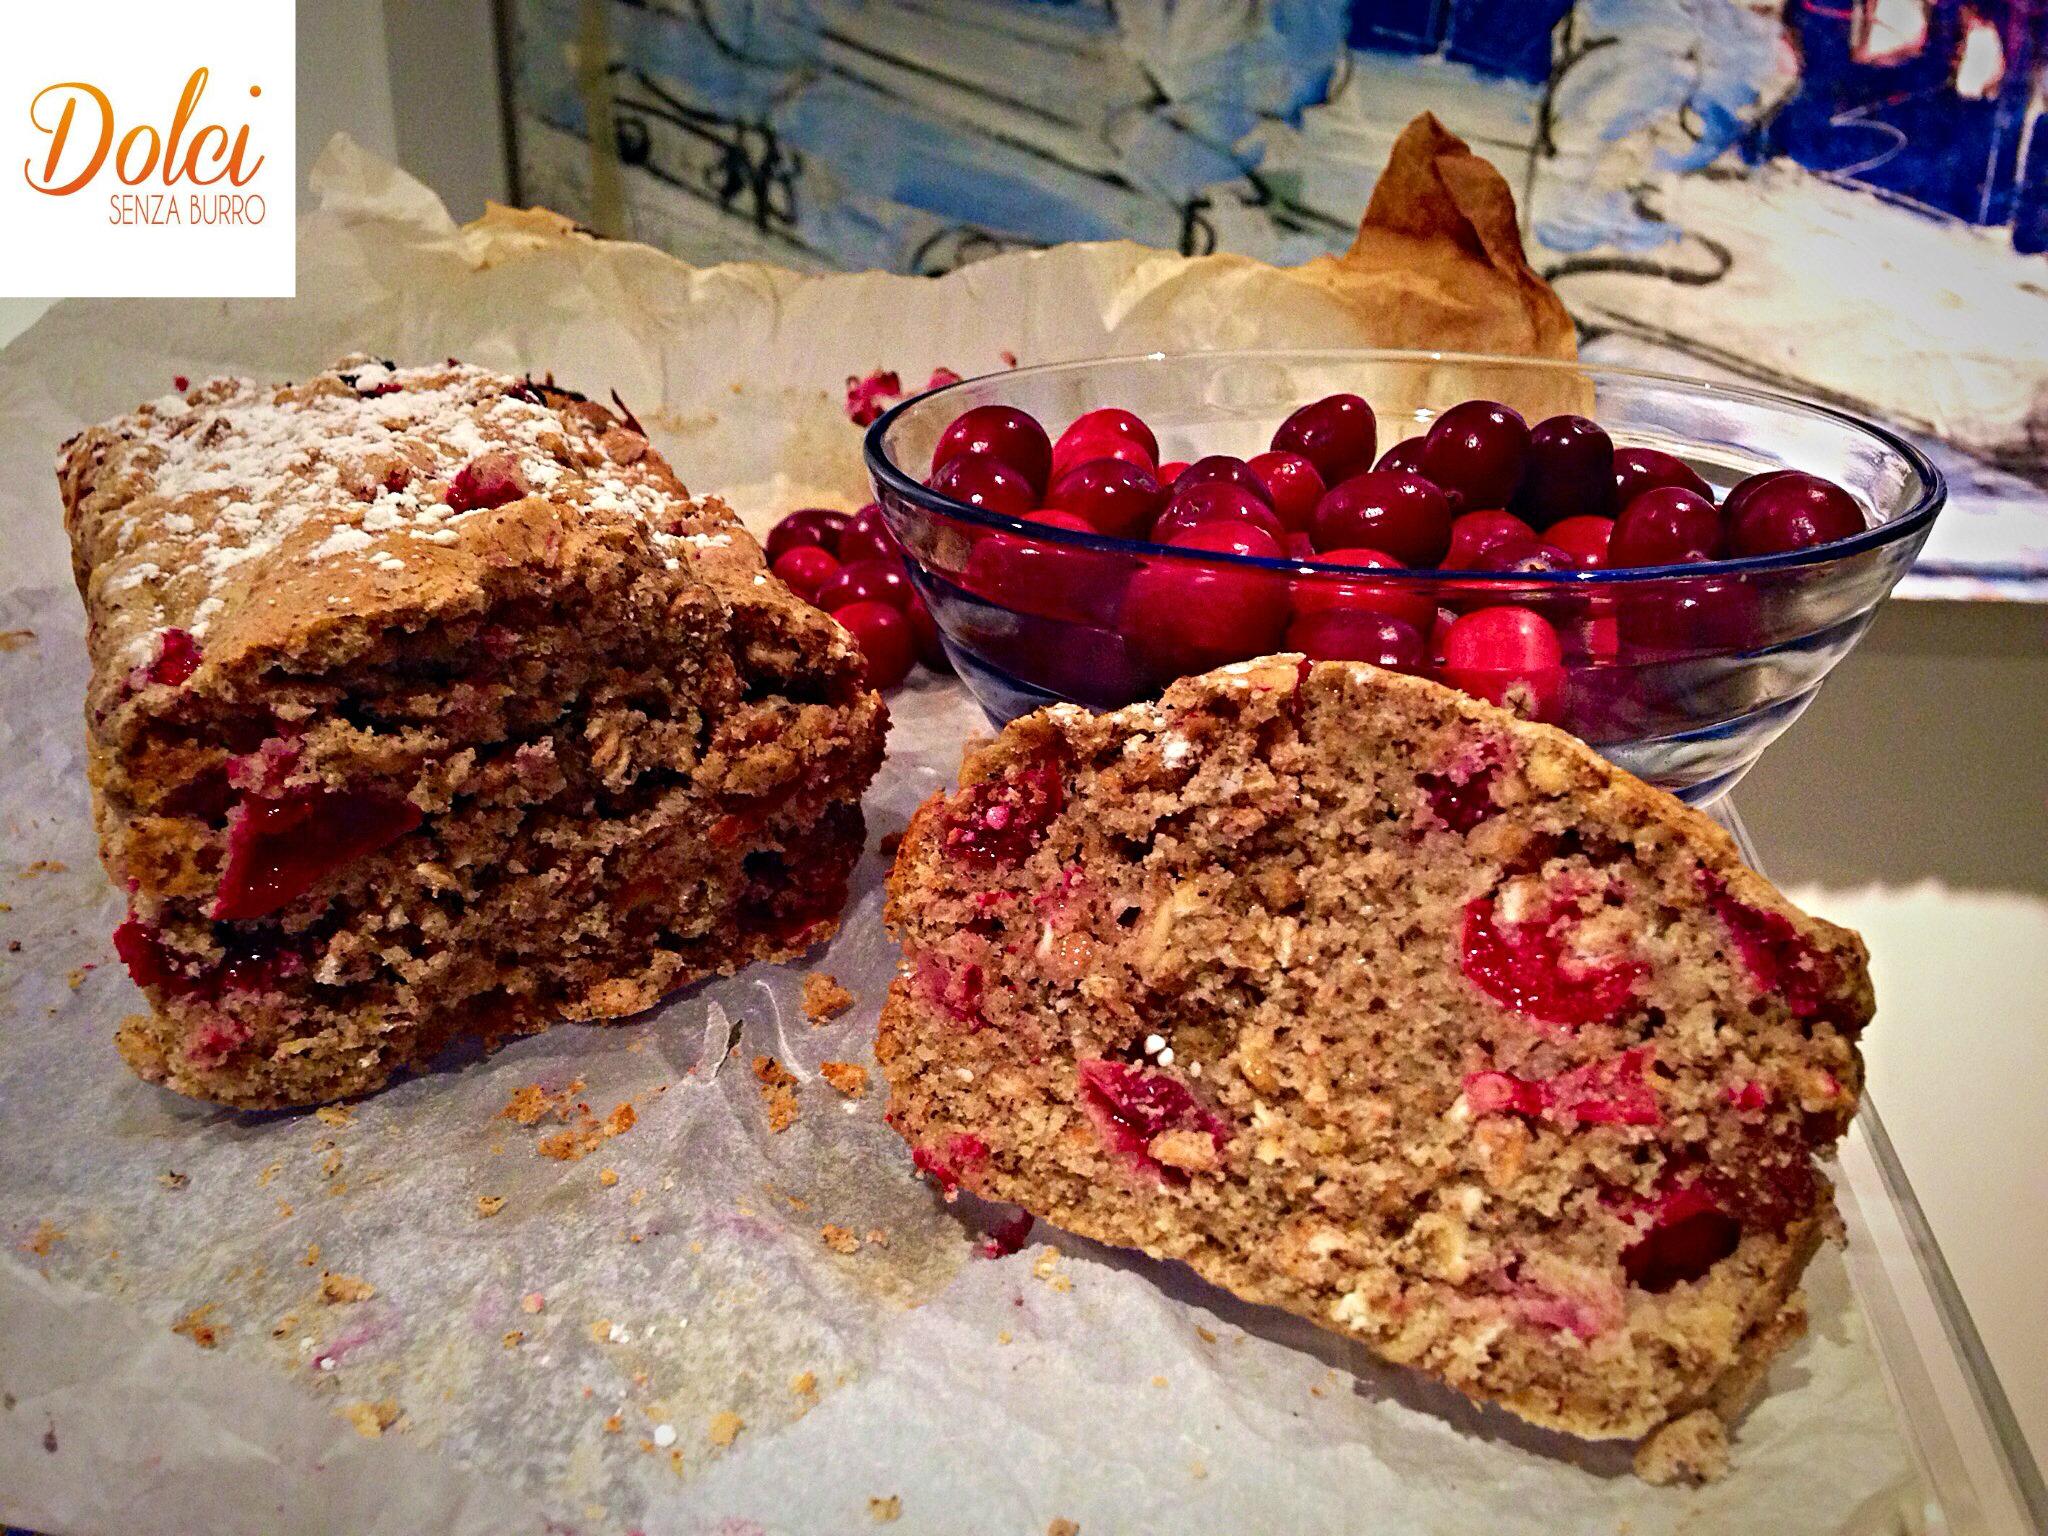 Populaire Cranberry Cake Senza Burro - Dolci Senza Burro UU48